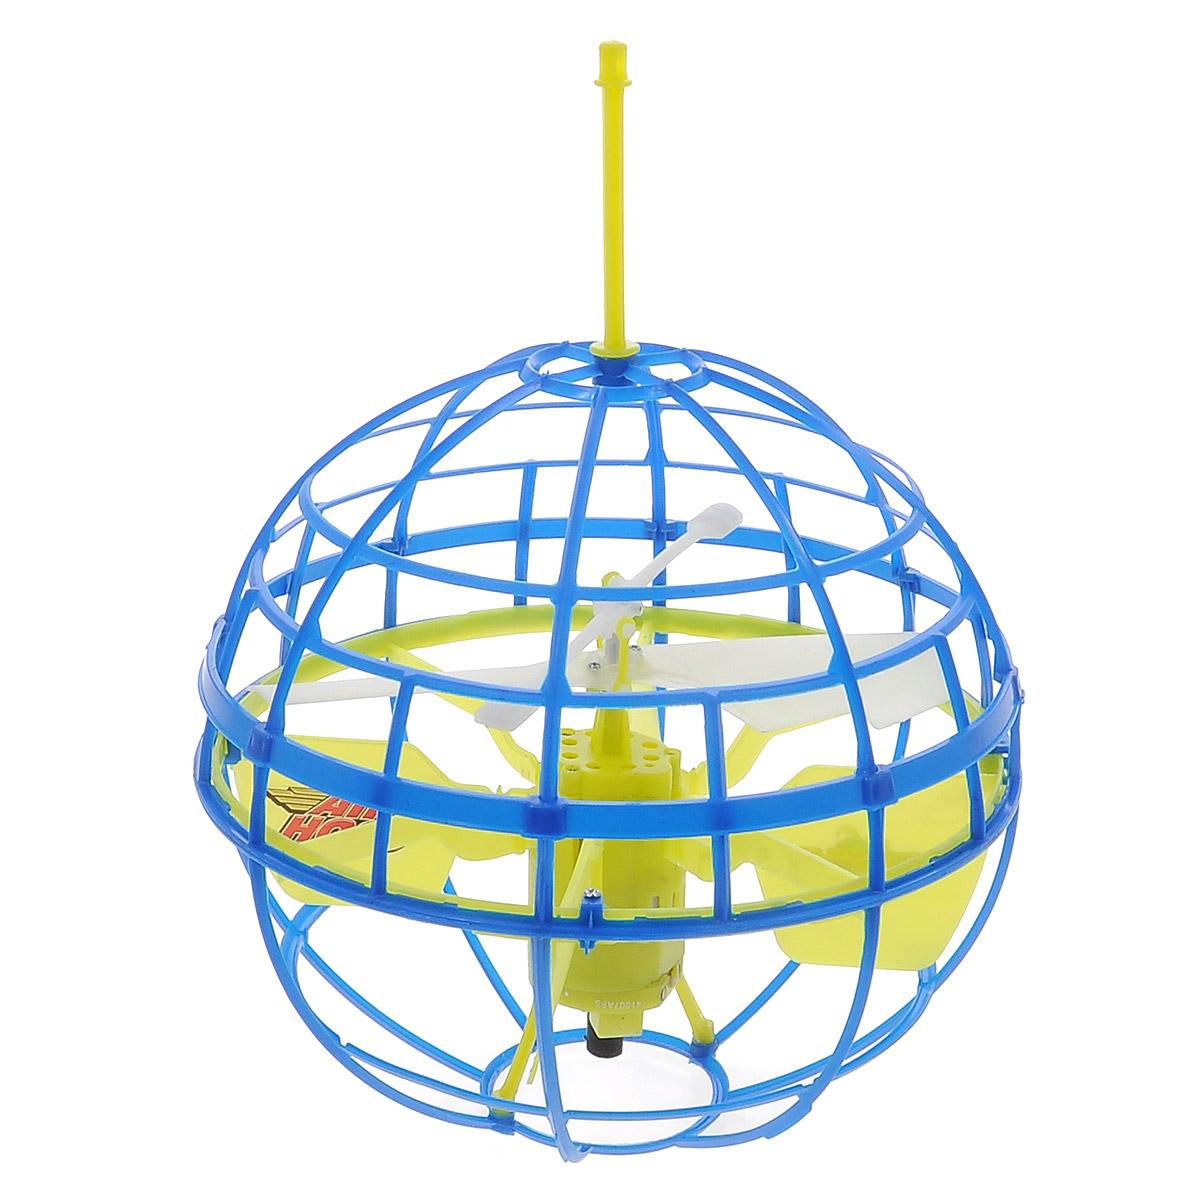 Air Hogs Игрушка на радиоуправлении Atmosphere Axis цвет синий44475Радиоуправляемая модель Air Hogs Летающий шар обязательно понравится вашему ребенку. Она выполнена из безопасных материалов в виде шара, внутри которого находится пропеллер. При включении шар взлетает в воздух. Управление игрушкой осуществляется рукой. Сферическая форма шара игрушки позволяет ей отталкиваться от препятствий. Выключение производится посредством переведения переключателя на устройстве управления в положение Оff. Игрушка заряжается в отключенном состоянии на зарядном устройстве - подставке. Игрушка работает от перезаряжаемого литий-полимерного элемента питания напряжением 3,7V (входит в комплект). Устройство управления работает от 6 батареек напряжением 1,5V типа АА (не входят в комплект).